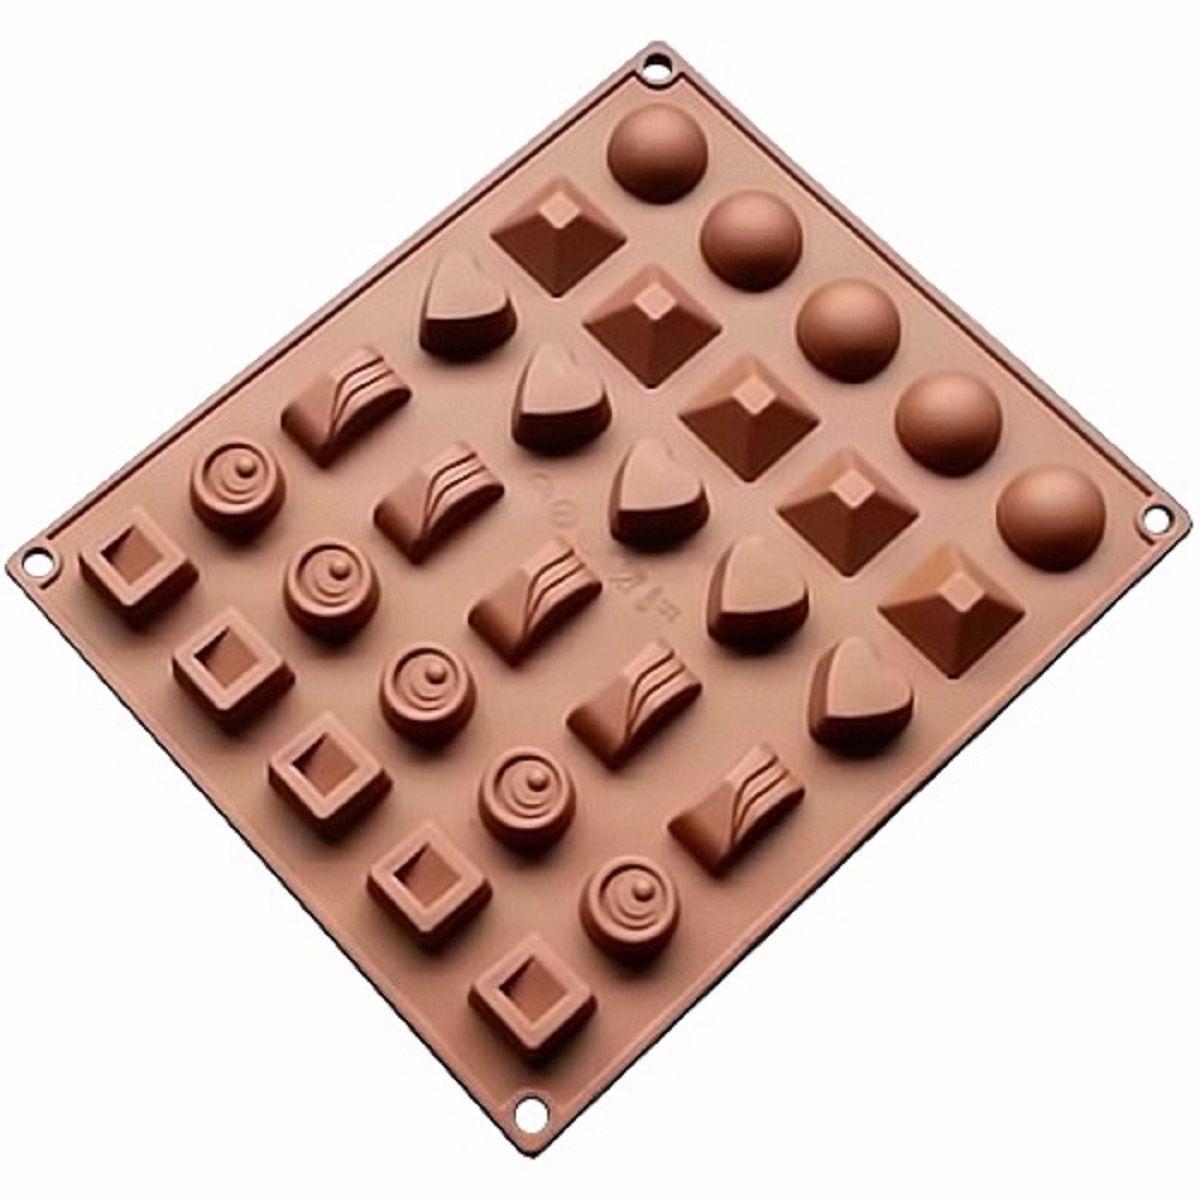 Форма для льда и конфет FidgetGo Ассорти, цвет: коричневый, 17 х 23 см, 30 ячеек2212345678915Создавайте восхитительное угощение и десерт, как для детей, так и для взрослых! Вы можете использовать желе, шоколад, мороженое, фруктовый сок или что-нибудь еще, что вы можете себе представить! Эти формы для конфет спроектированы и изготовлены с учетом горячих и холодных обработок, они могут хорошо противостоять низкой и высокой температуре от -40 до +230°С. Независимо от того, какие способы приготовления вы используете для них, силикон не проявит ни малейшего признака износа. Они безопасны для морозильной камеры, духовки, микроволновой печи и посудомоечной машины.Надежные качественные материалы: когда речь заходит о наших силиконовых формах и других кухонных принадлежностях, мы гарантируем использование нетоксичных, не содержащих BPA материалов, а также самых современных производственных процессов и строгий контроль качества. Таким образом, мы знаем, что они будут соответствовать высоким стандартам и ожиданиям наших клиентов.